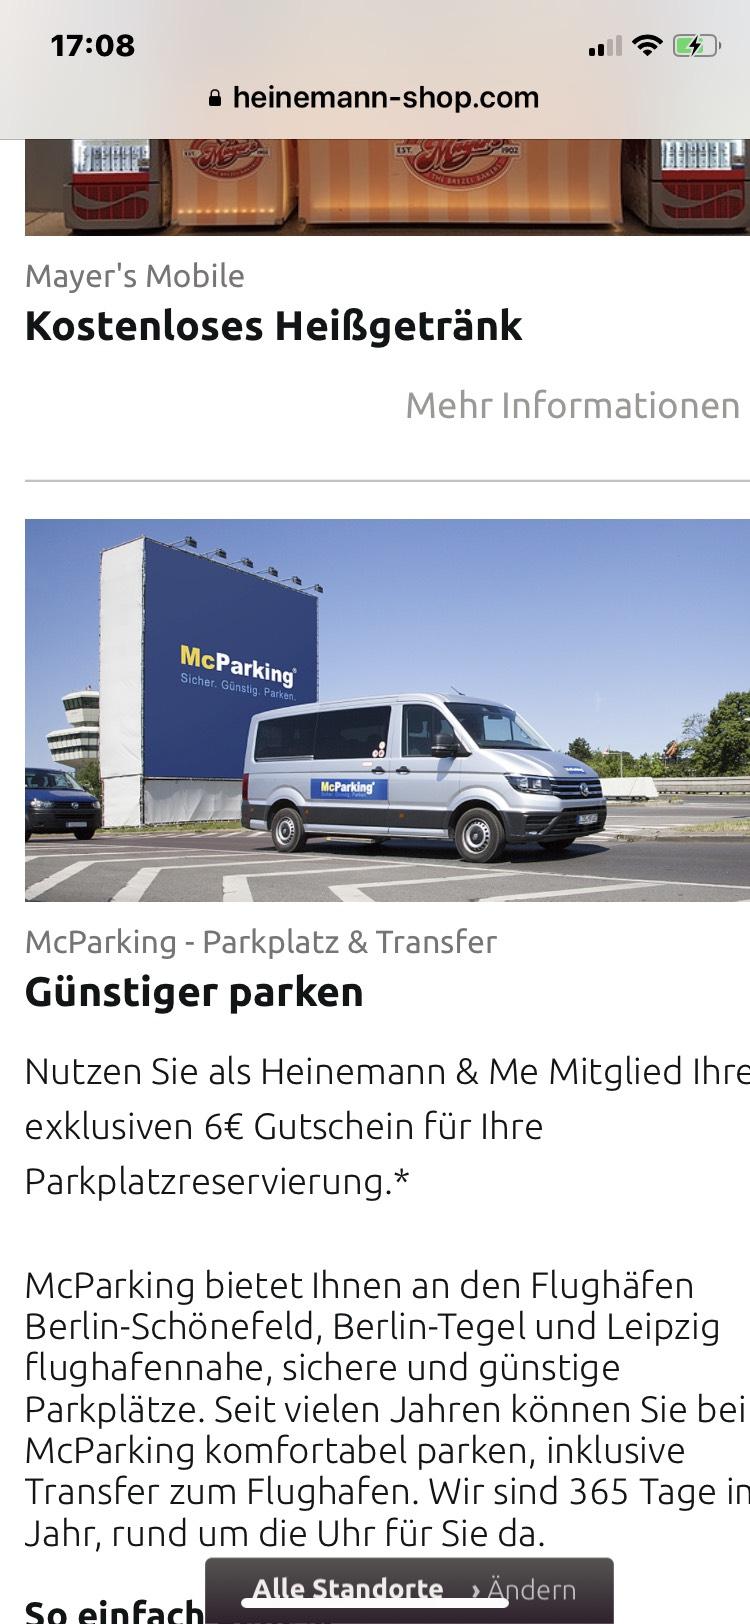 6€ bei Mc Parking sparen nur Berlin und Leipzig